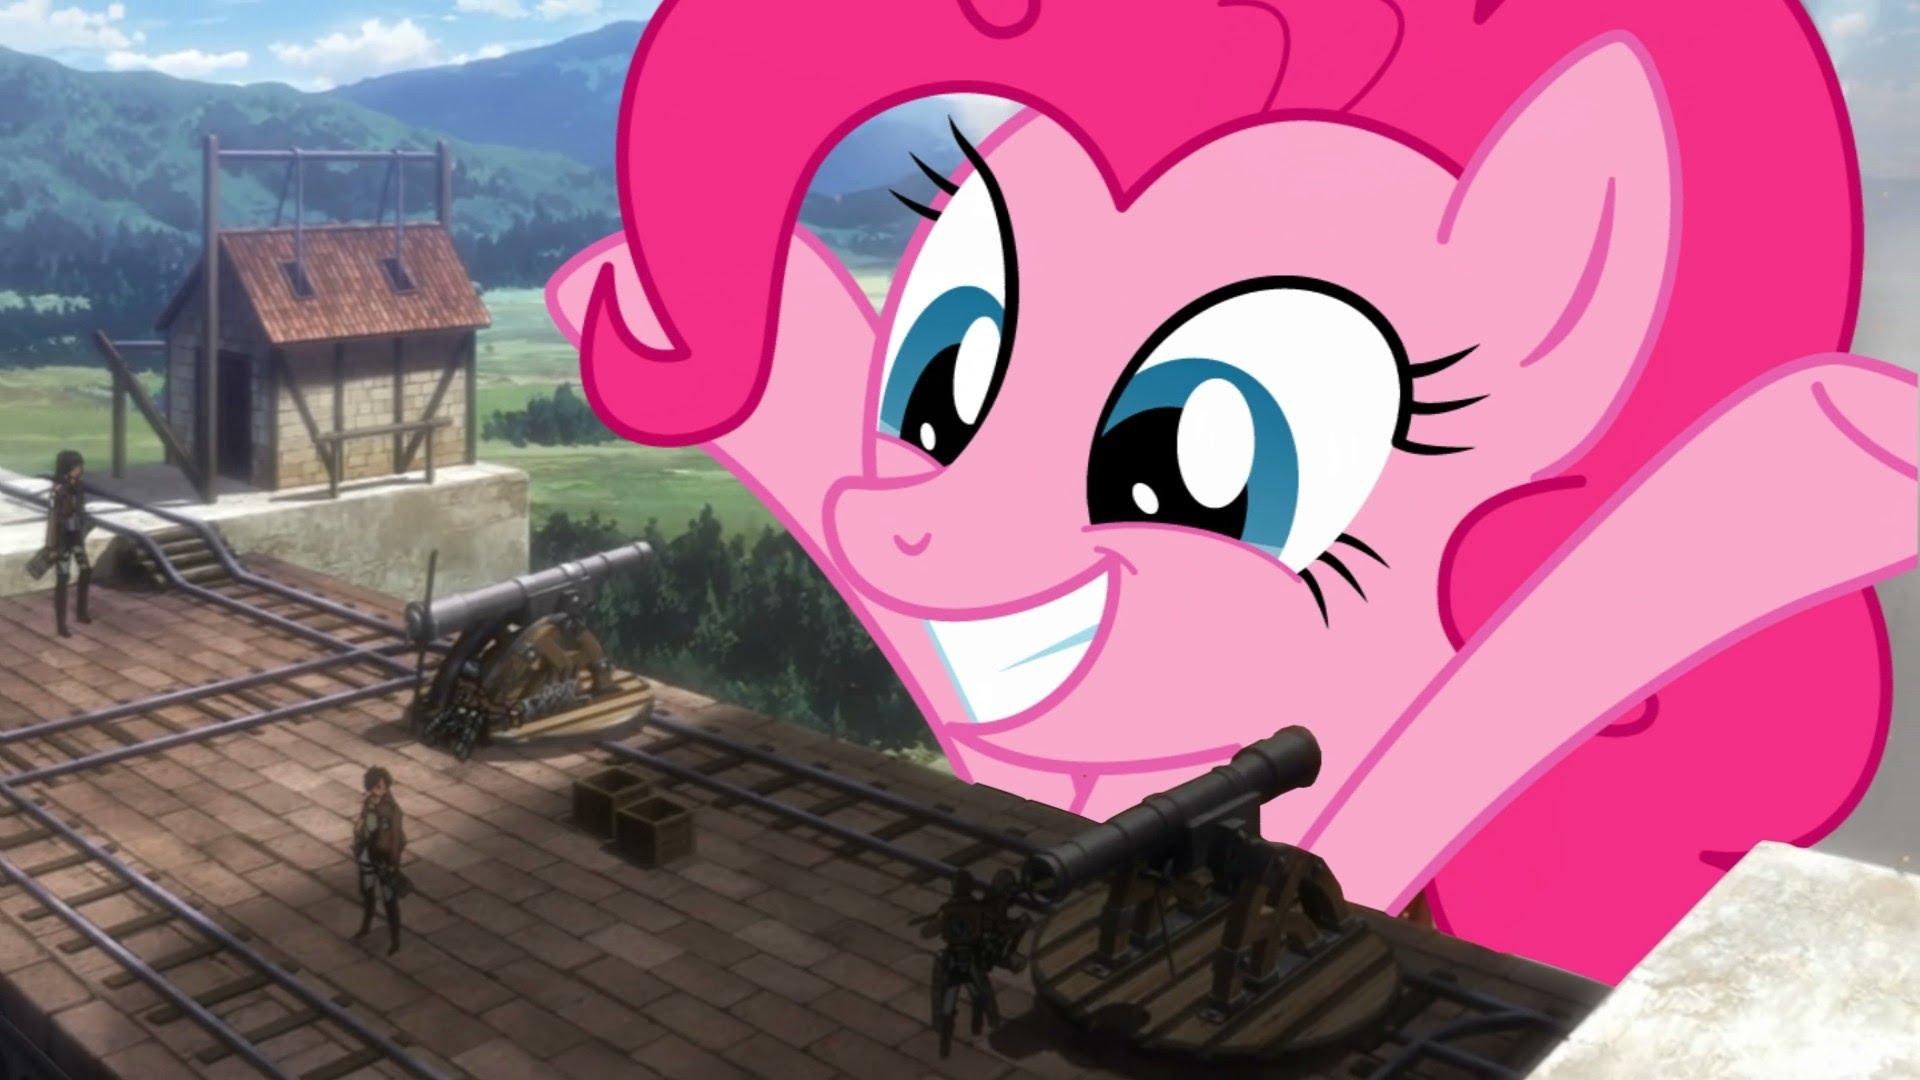 Mlp Anime My Little Pony Friendship Is Magic Foto 38869081 Fanpop